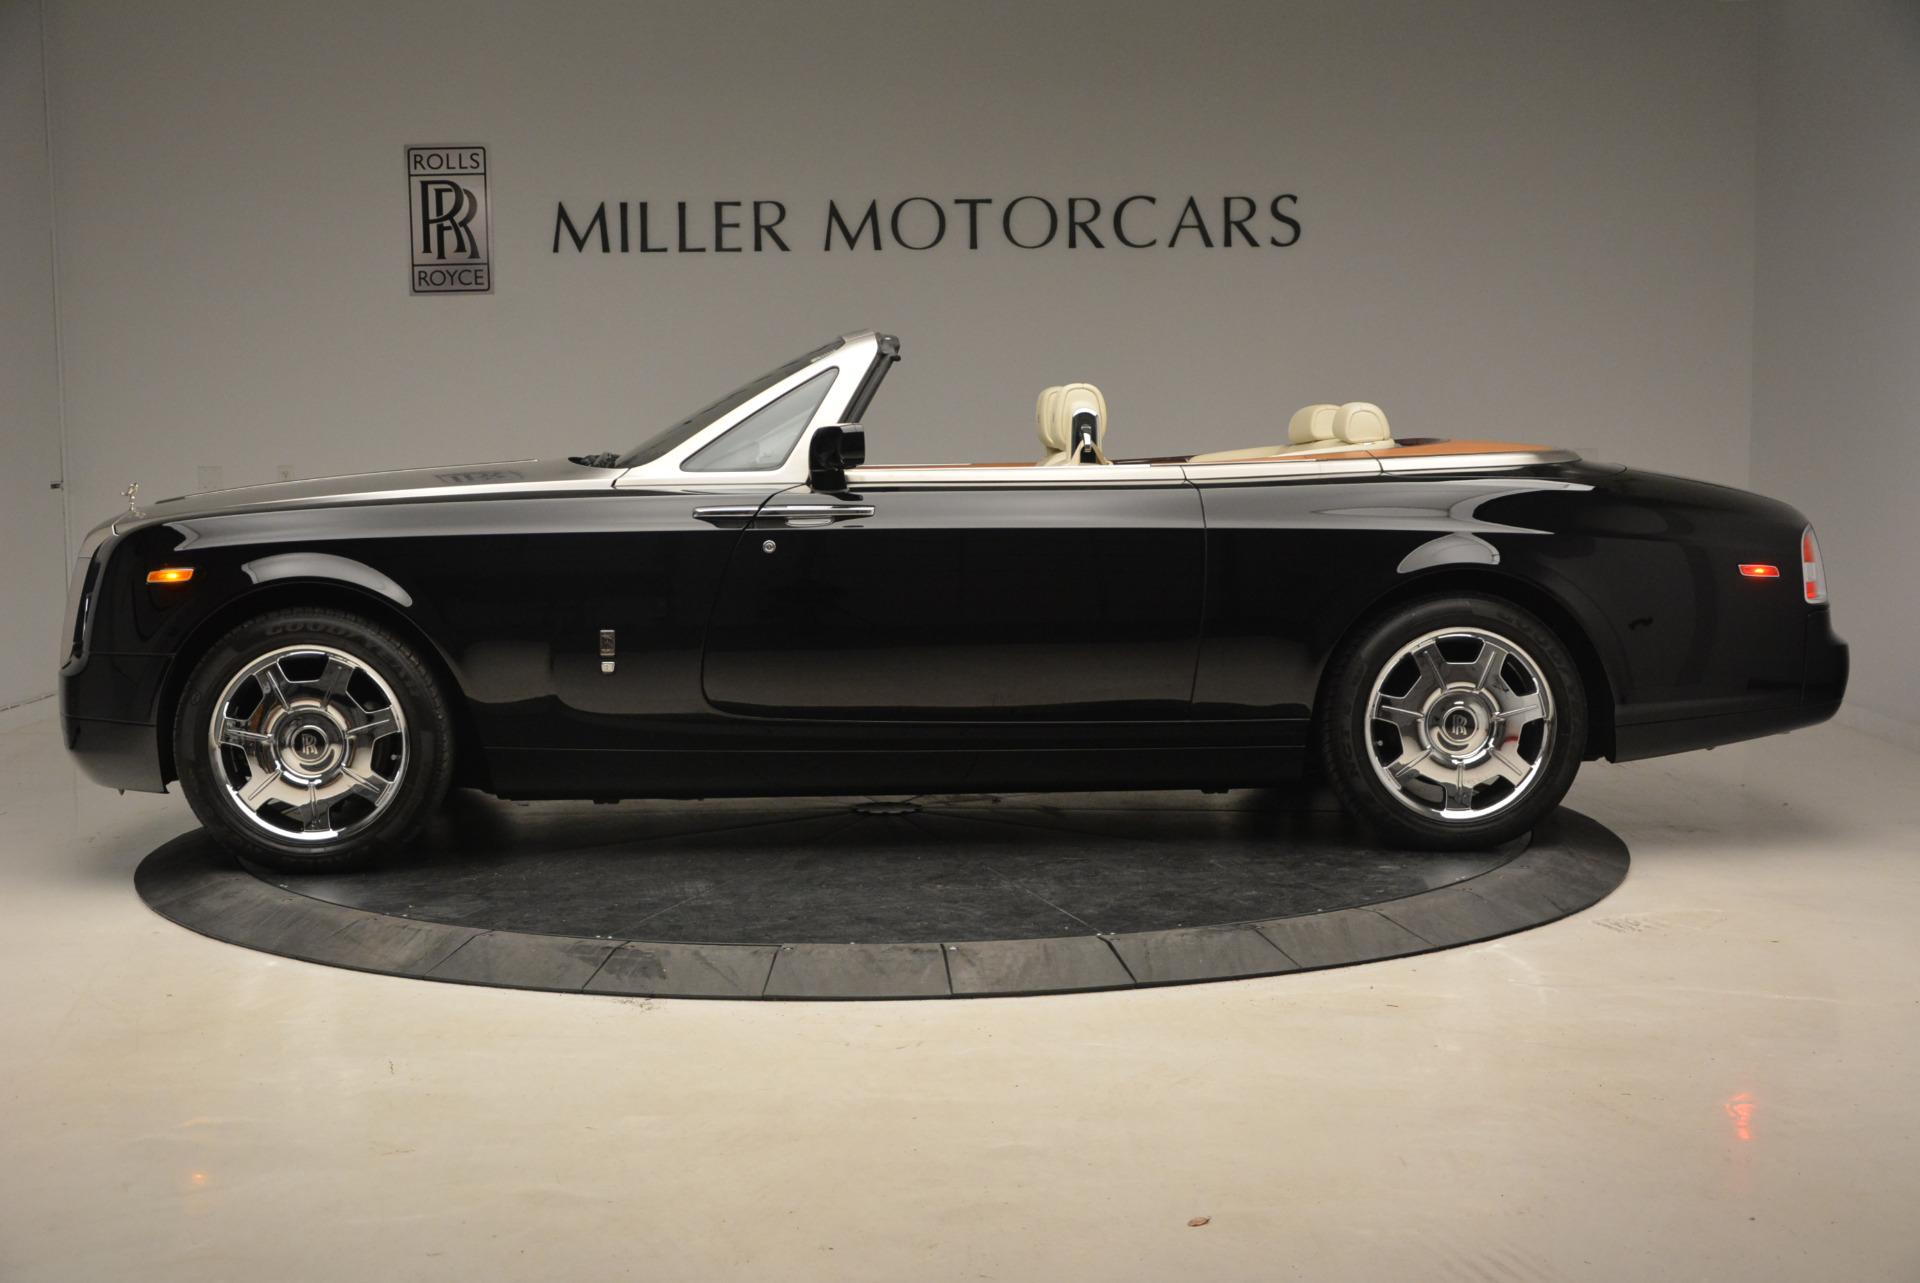 Used 2009 Rolls-Royce Phantom Drophead Coupe  For Sale In Westport, CT 1792_p3